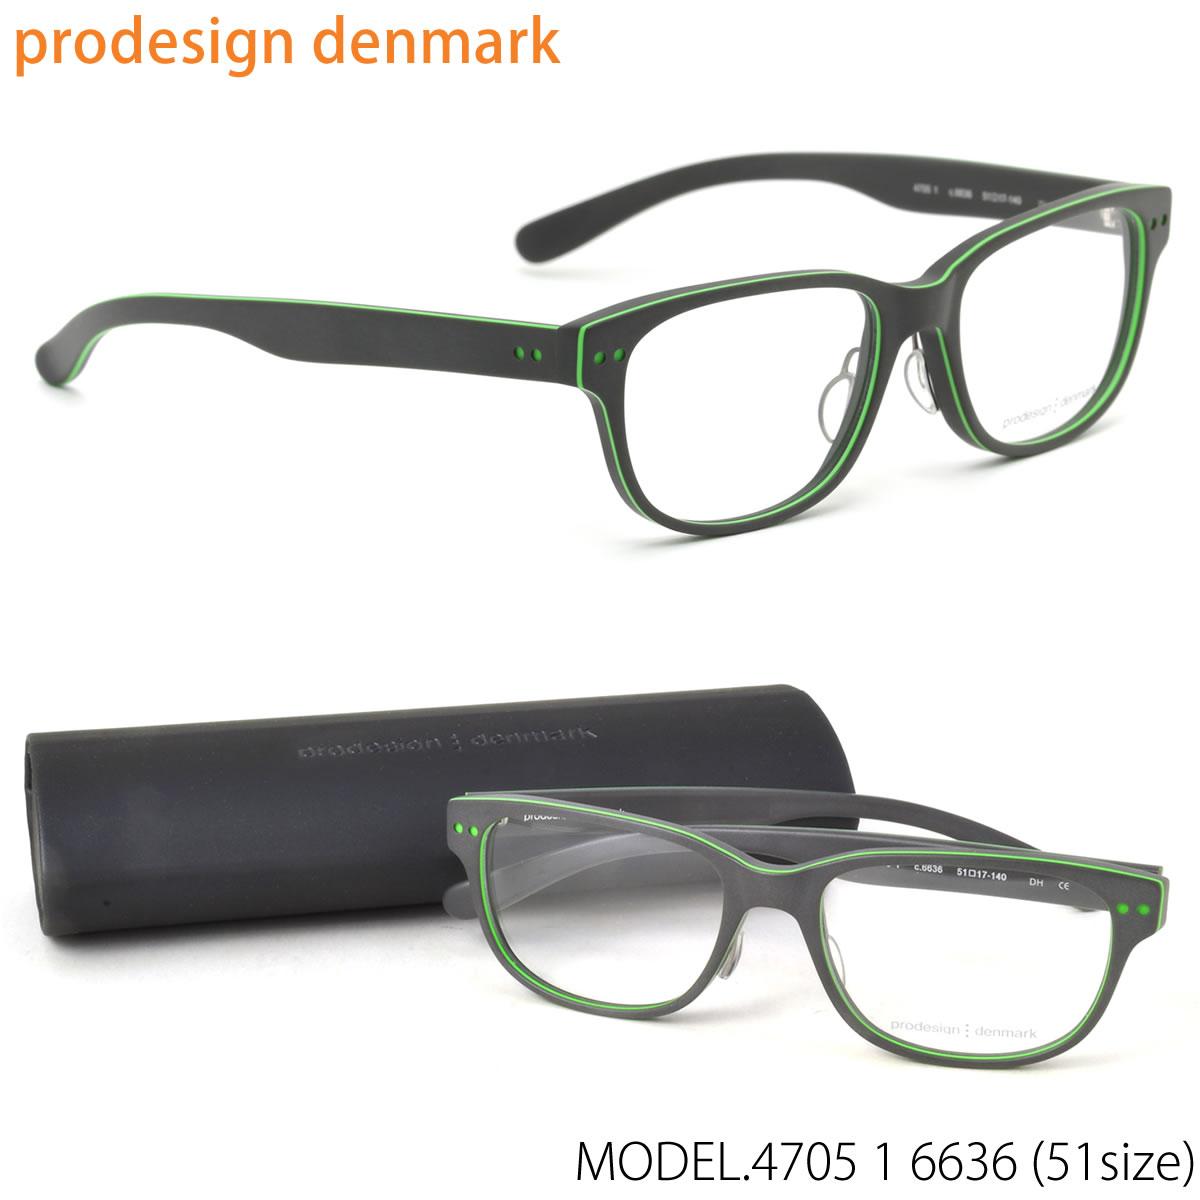 【10月30日からエントリーで全品ポイント20倍】prodesign:denmark(プロデザインデンマーク) メガネ フレーム 4705-1 6636 51 北欧 ウェリントン 伊達メガネレンズ無料 プロデザインデンマーク prodesign:denmark メンズ レディース【LOS30】